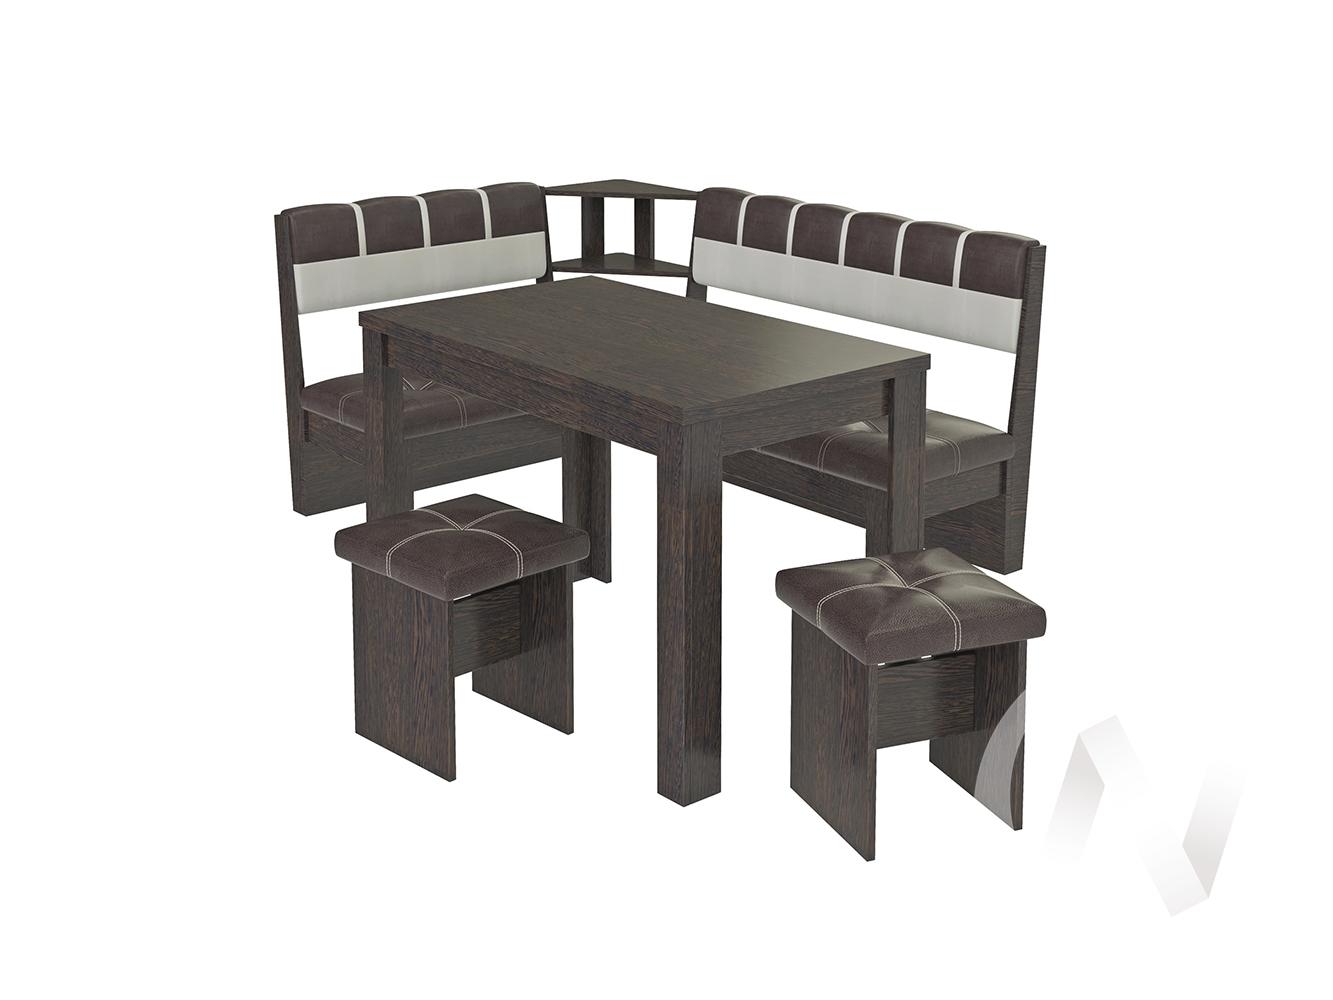 Кухонный уголок Уют-8 (венге/tbr capro 340/tbr capro 002)